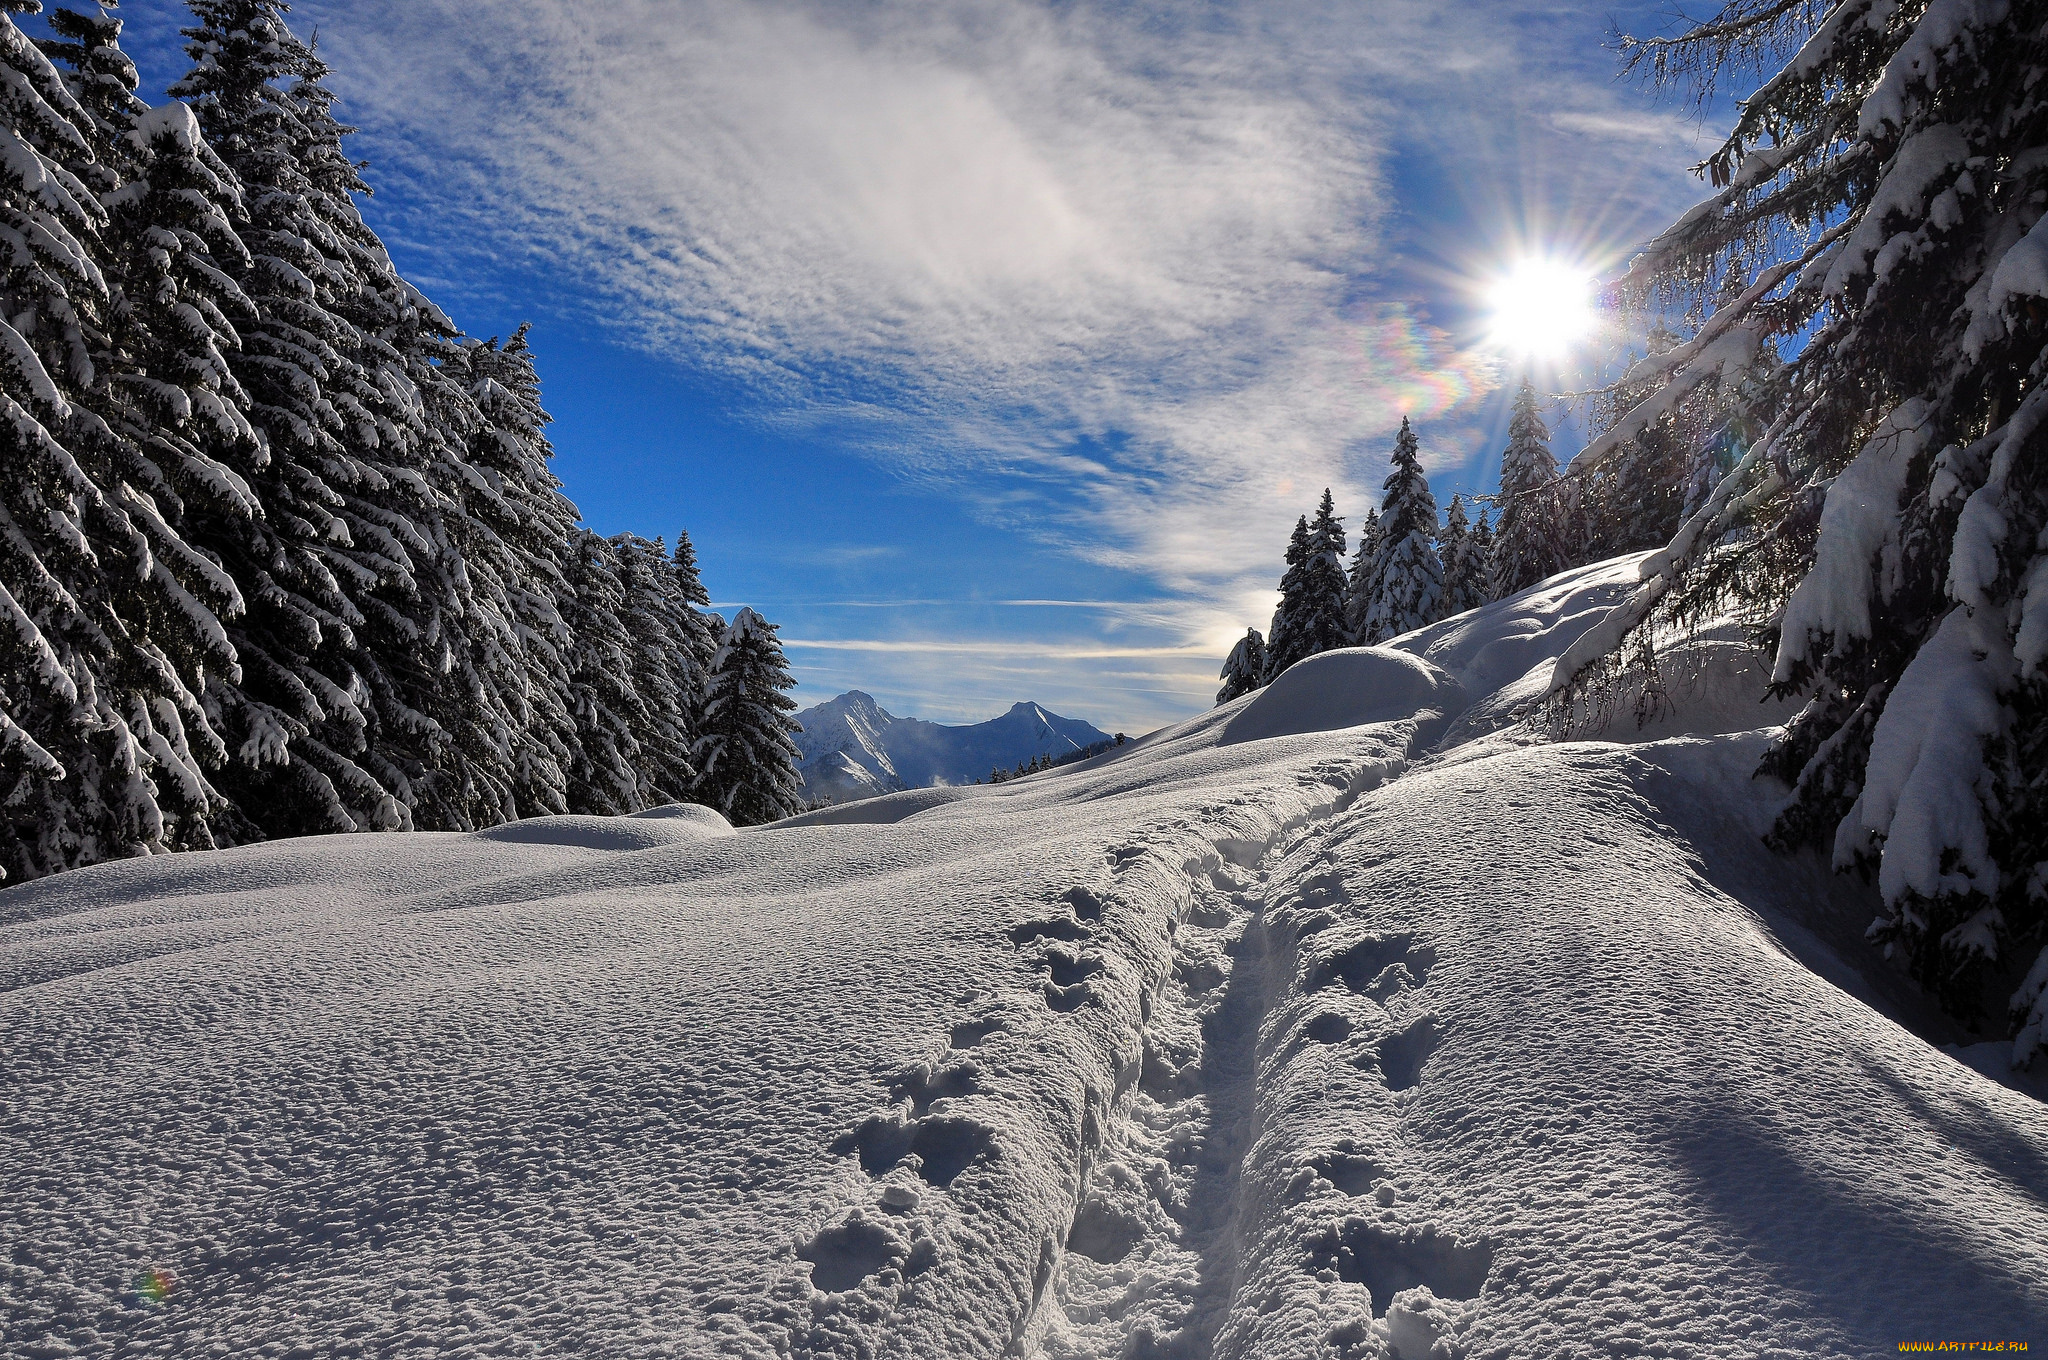 Практически во всех культурах гора выступает как нечто священное, пространство обитания божеств и обретения благодати.